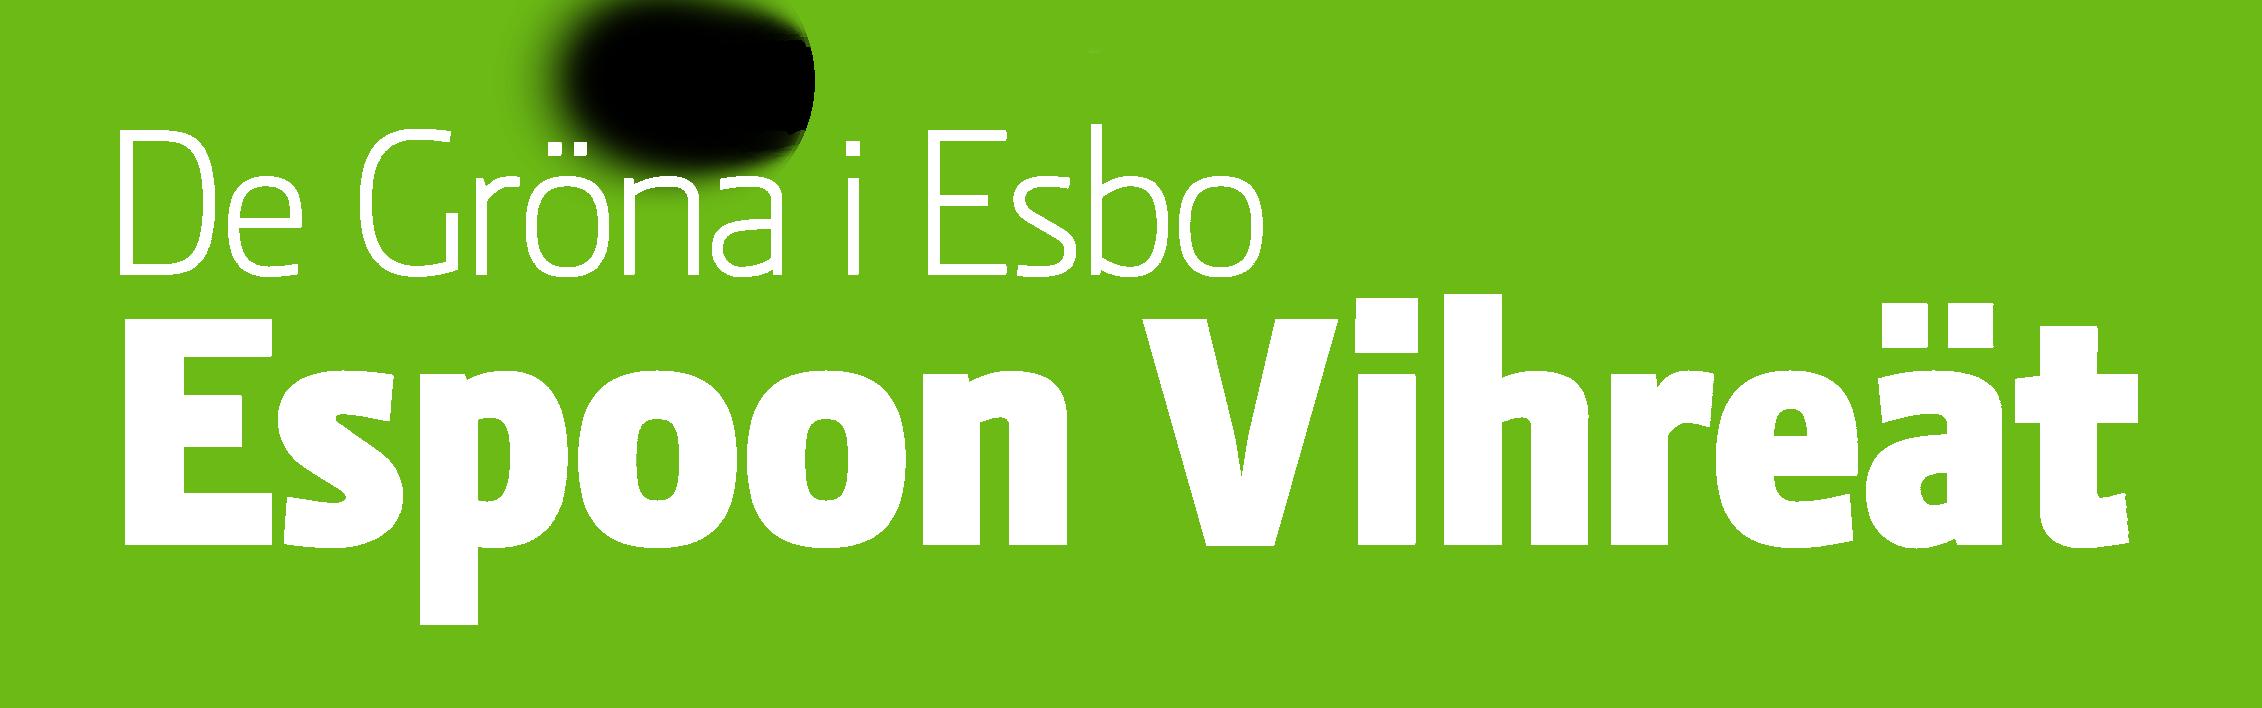 Espoon Vihreät – Huomenna Espoo on Vihreä!